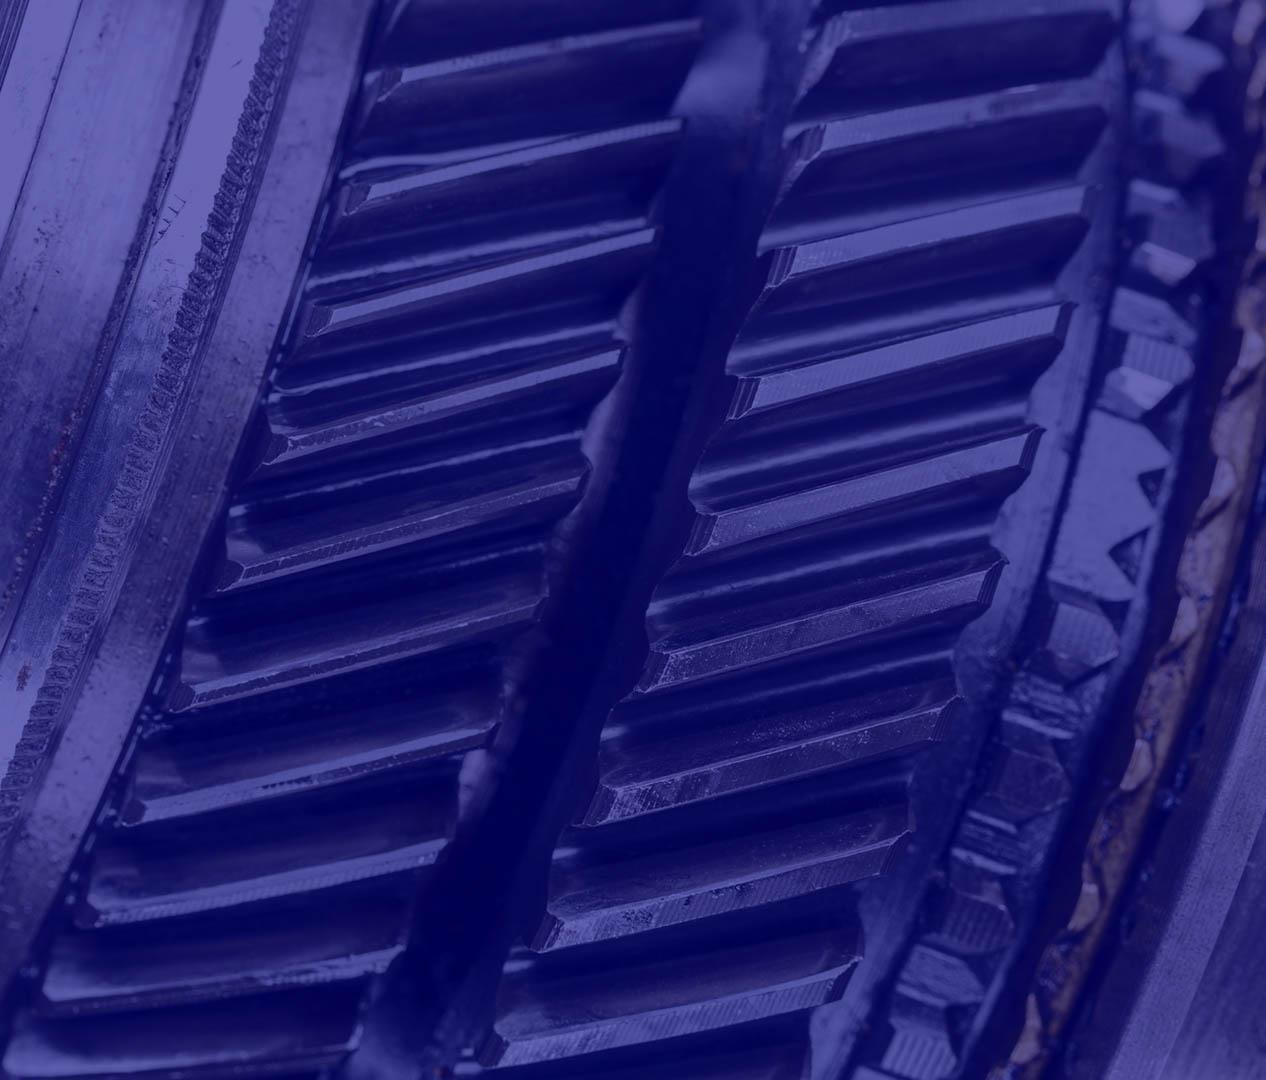 hle-engineering-website